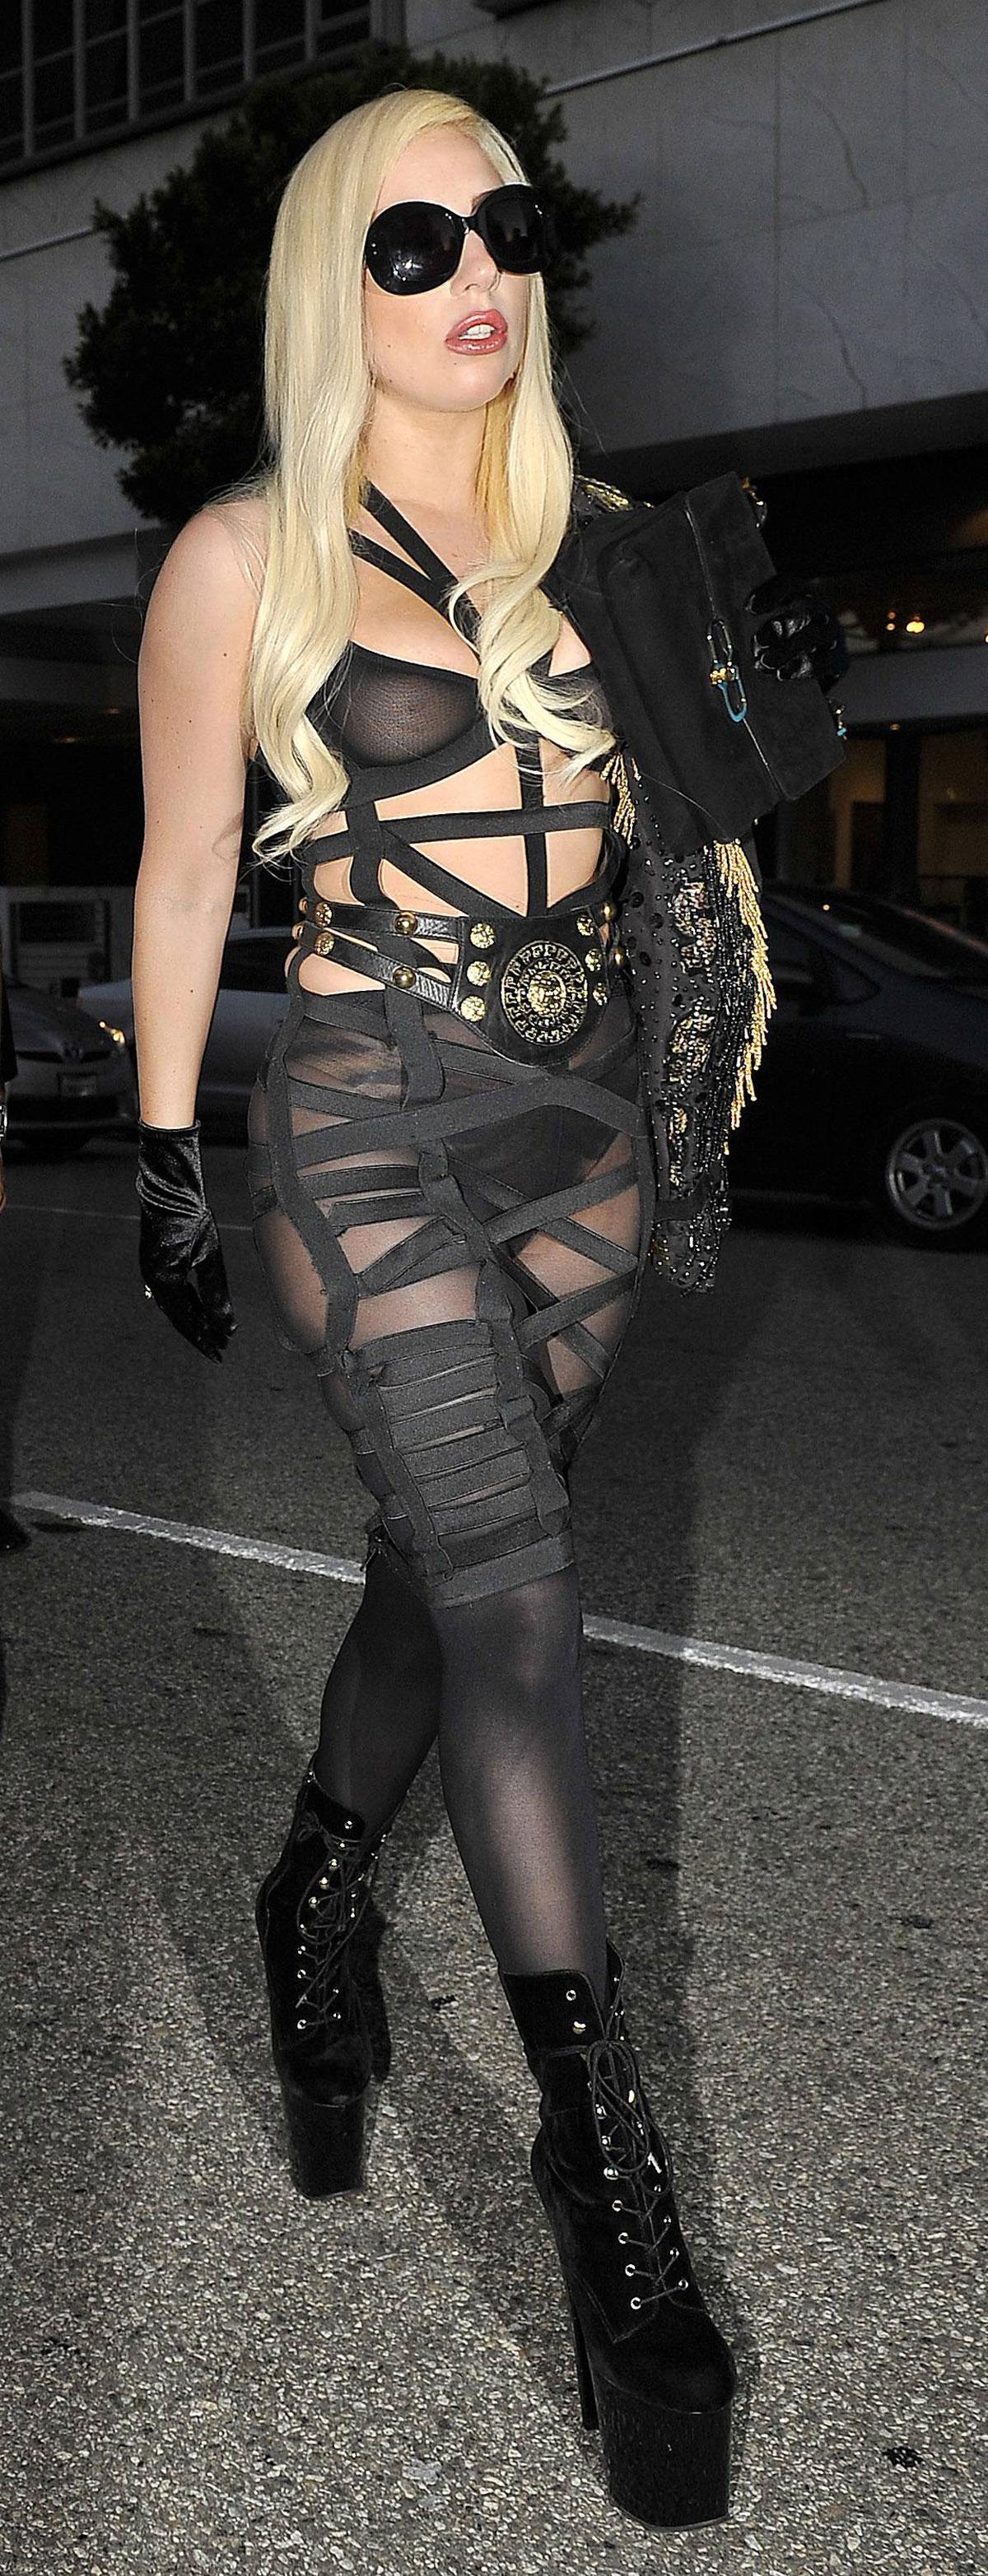 Fotos de lady gaga gorda 2012 60